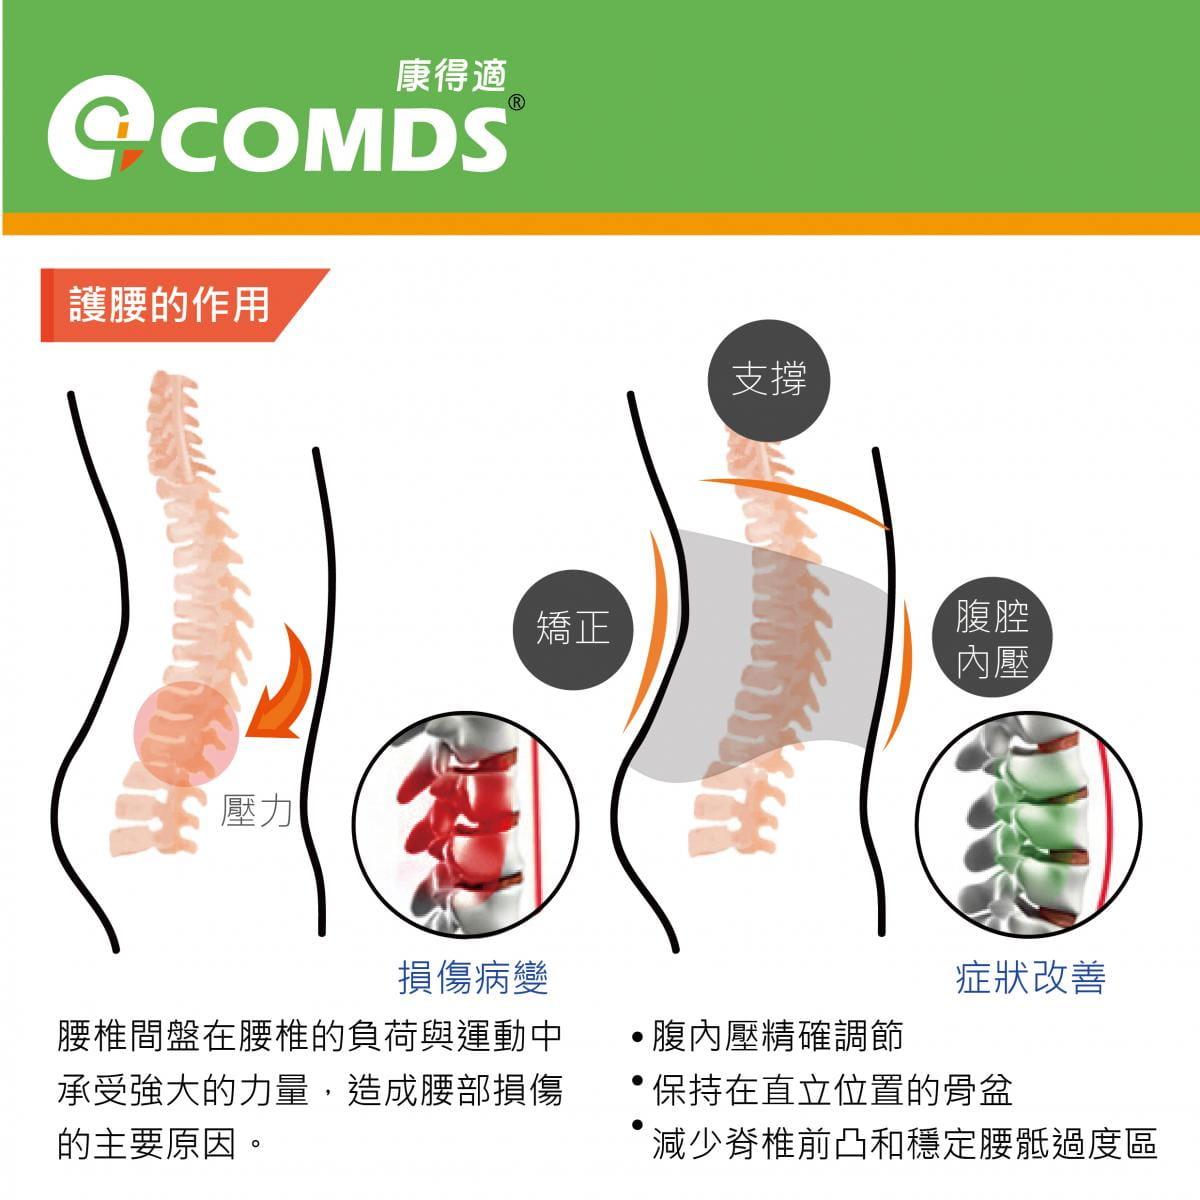 【康得適】UL-501反光纖薄護腰 微笑標章台灣製造 6